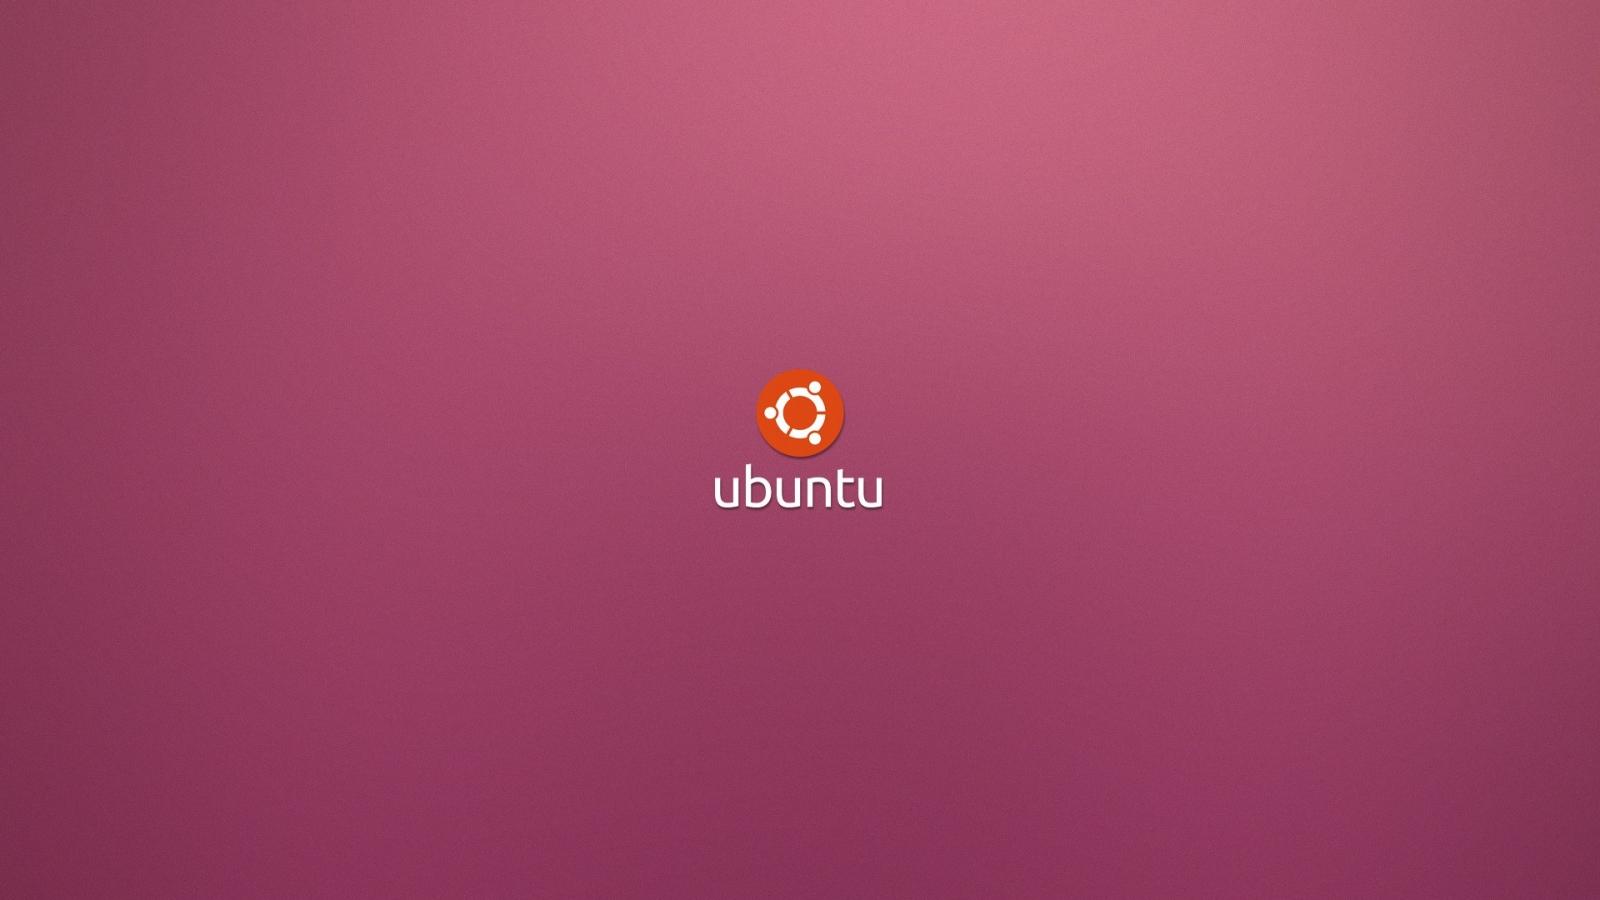 Ubuntu fondo - 1600x900